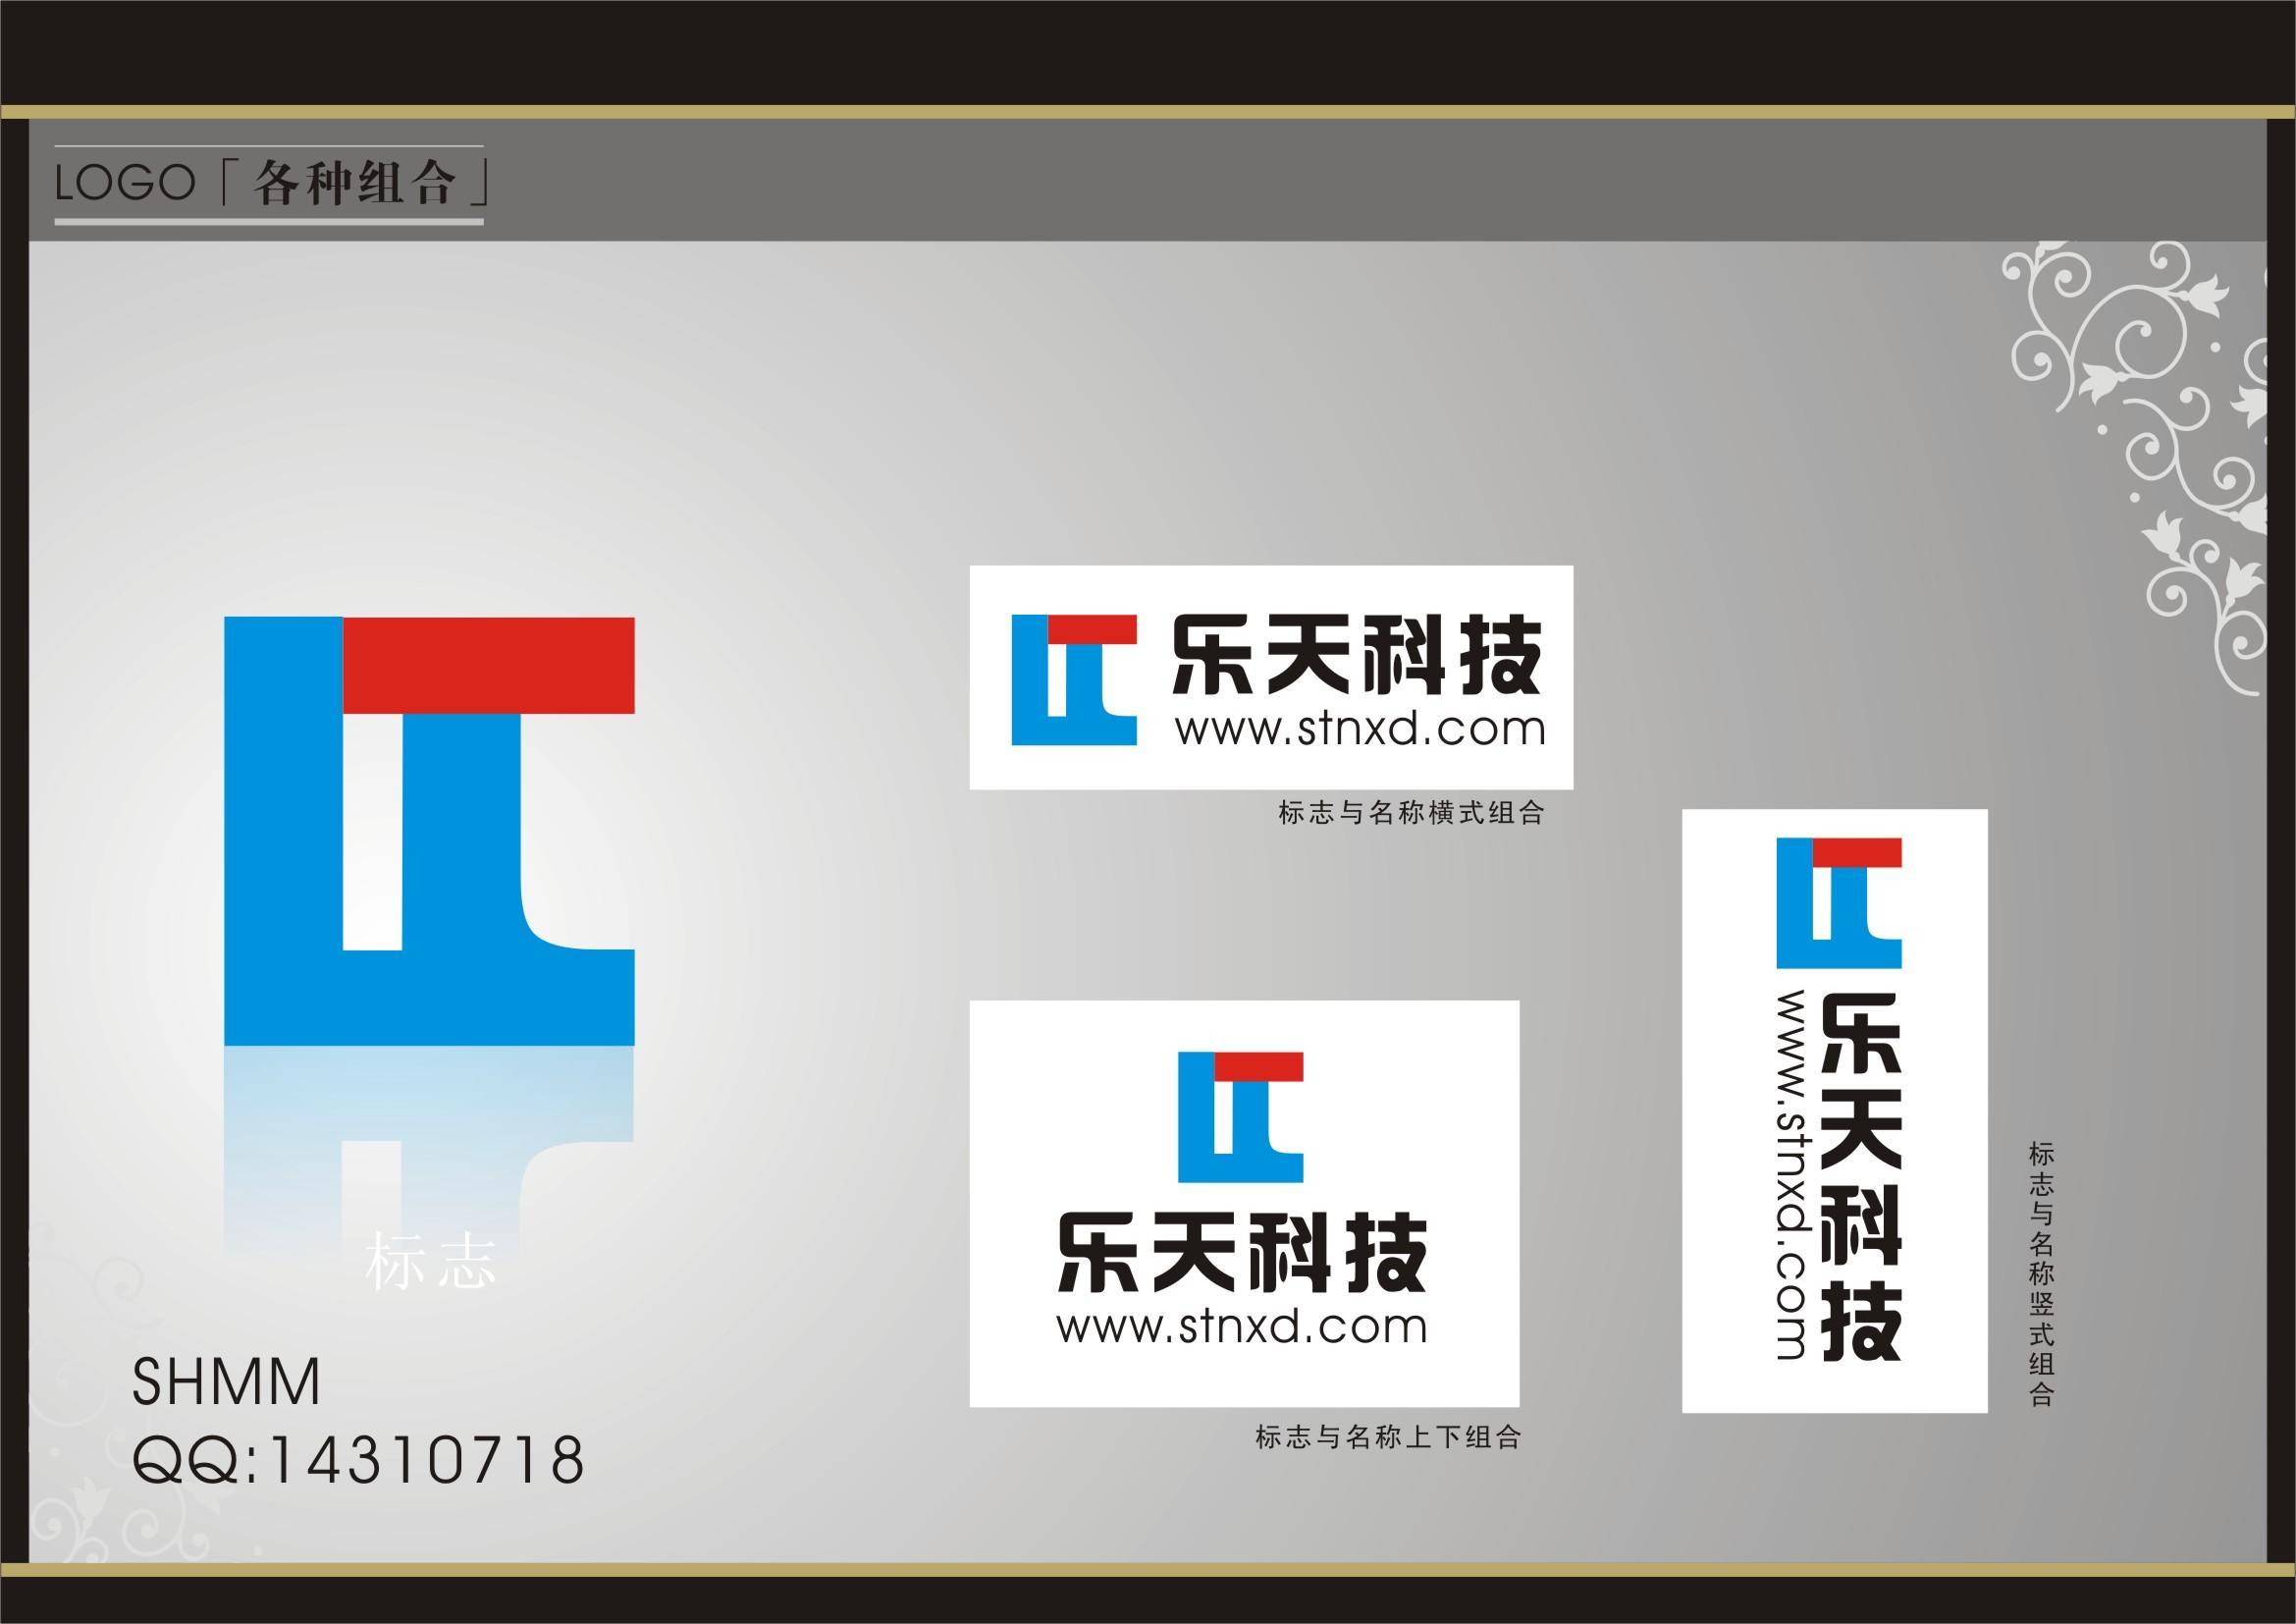 乐天科技网站logo/名片/广告牌匾设计